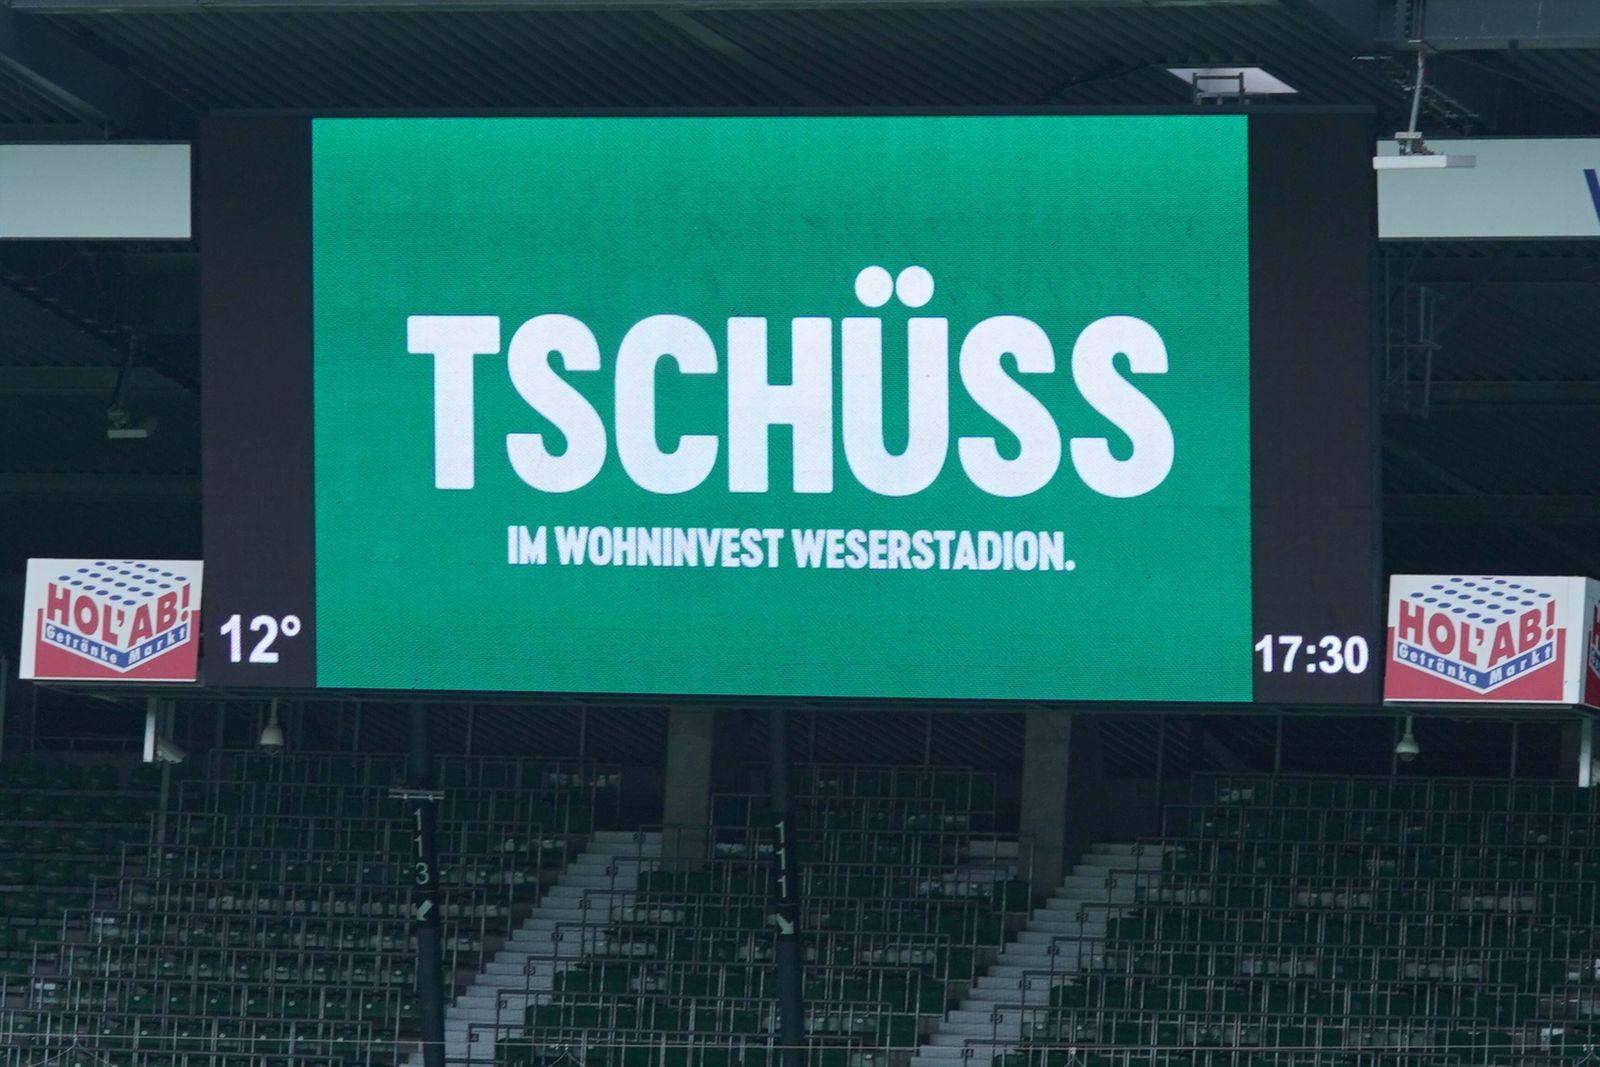 GER, 1.FBL, SV Werder Bremen vs Borussia Moenchengladbach / 22.05.2021, wohninvest Weserstadion, Bremen, GER, 1.FBL, SV